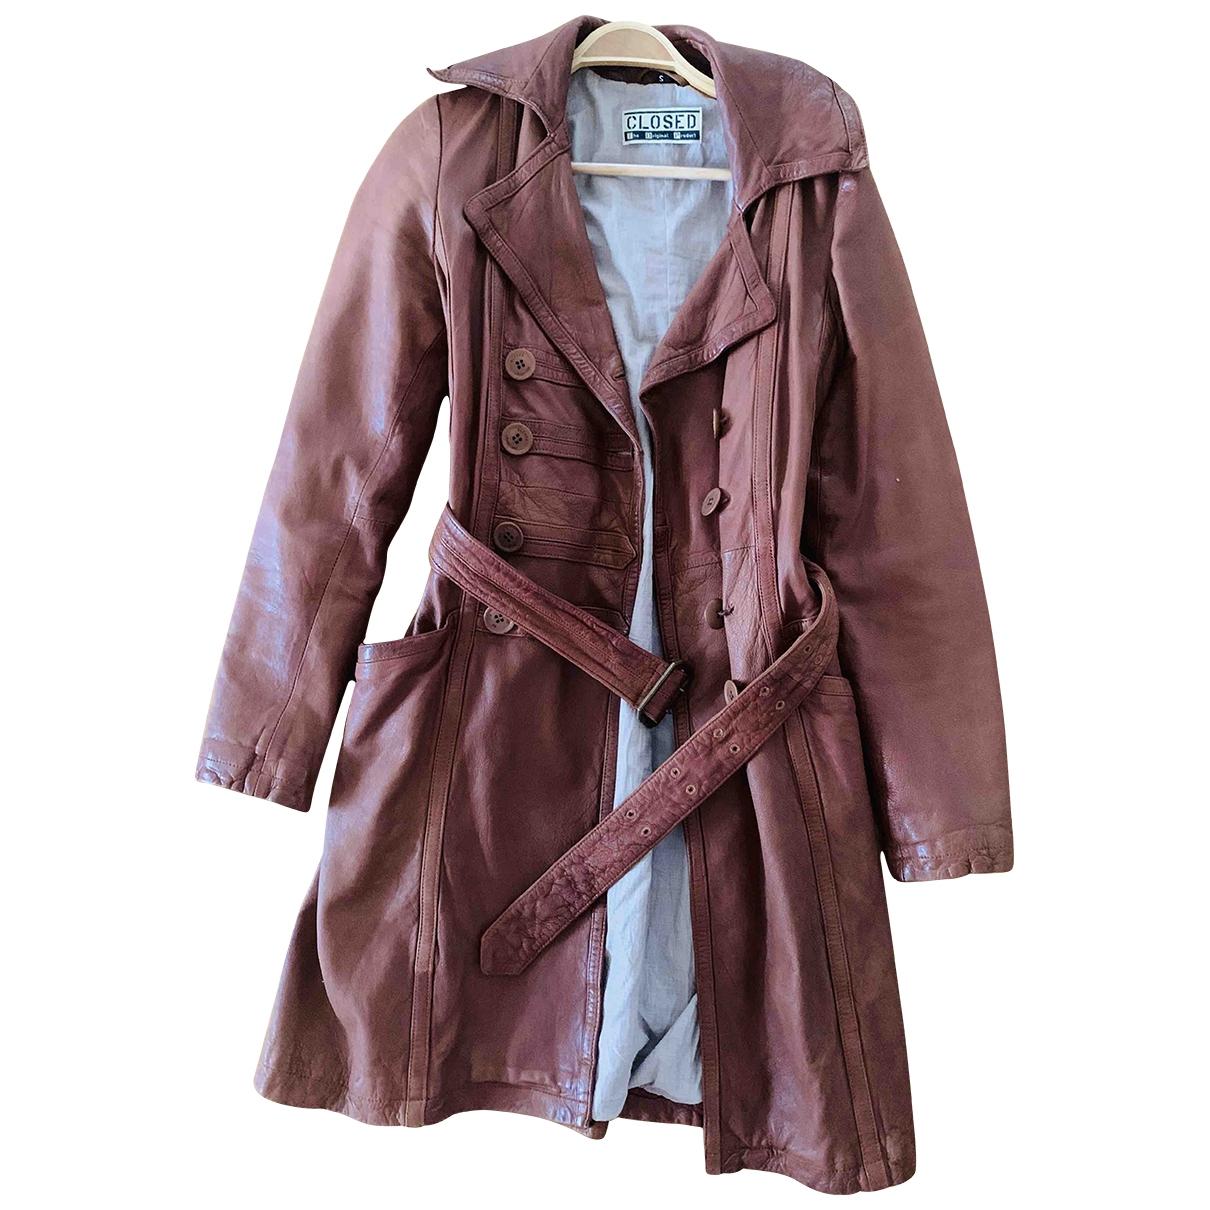 Closed - Manteau   pour femme en cuir - marron